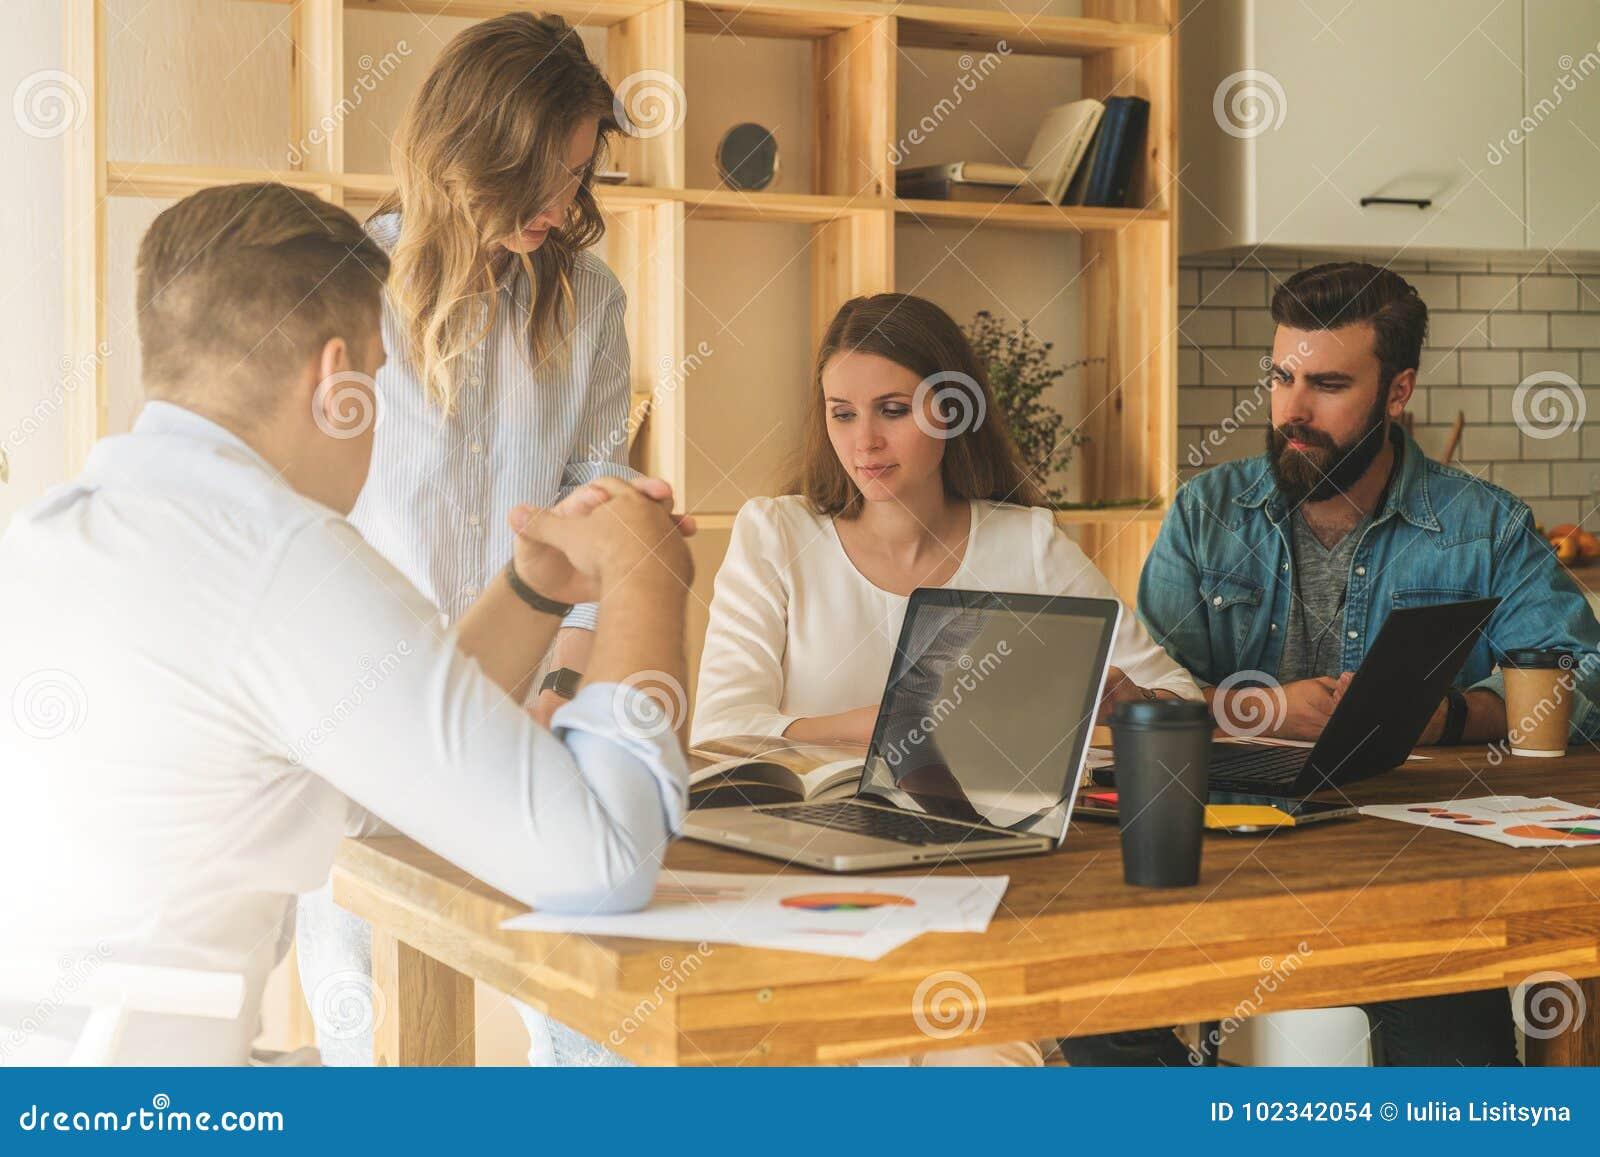 El grupo de gente joven trabaja junto Reunión de reflexión, trabajo en equipo, inicio, planificación de empresas Estudiantes que